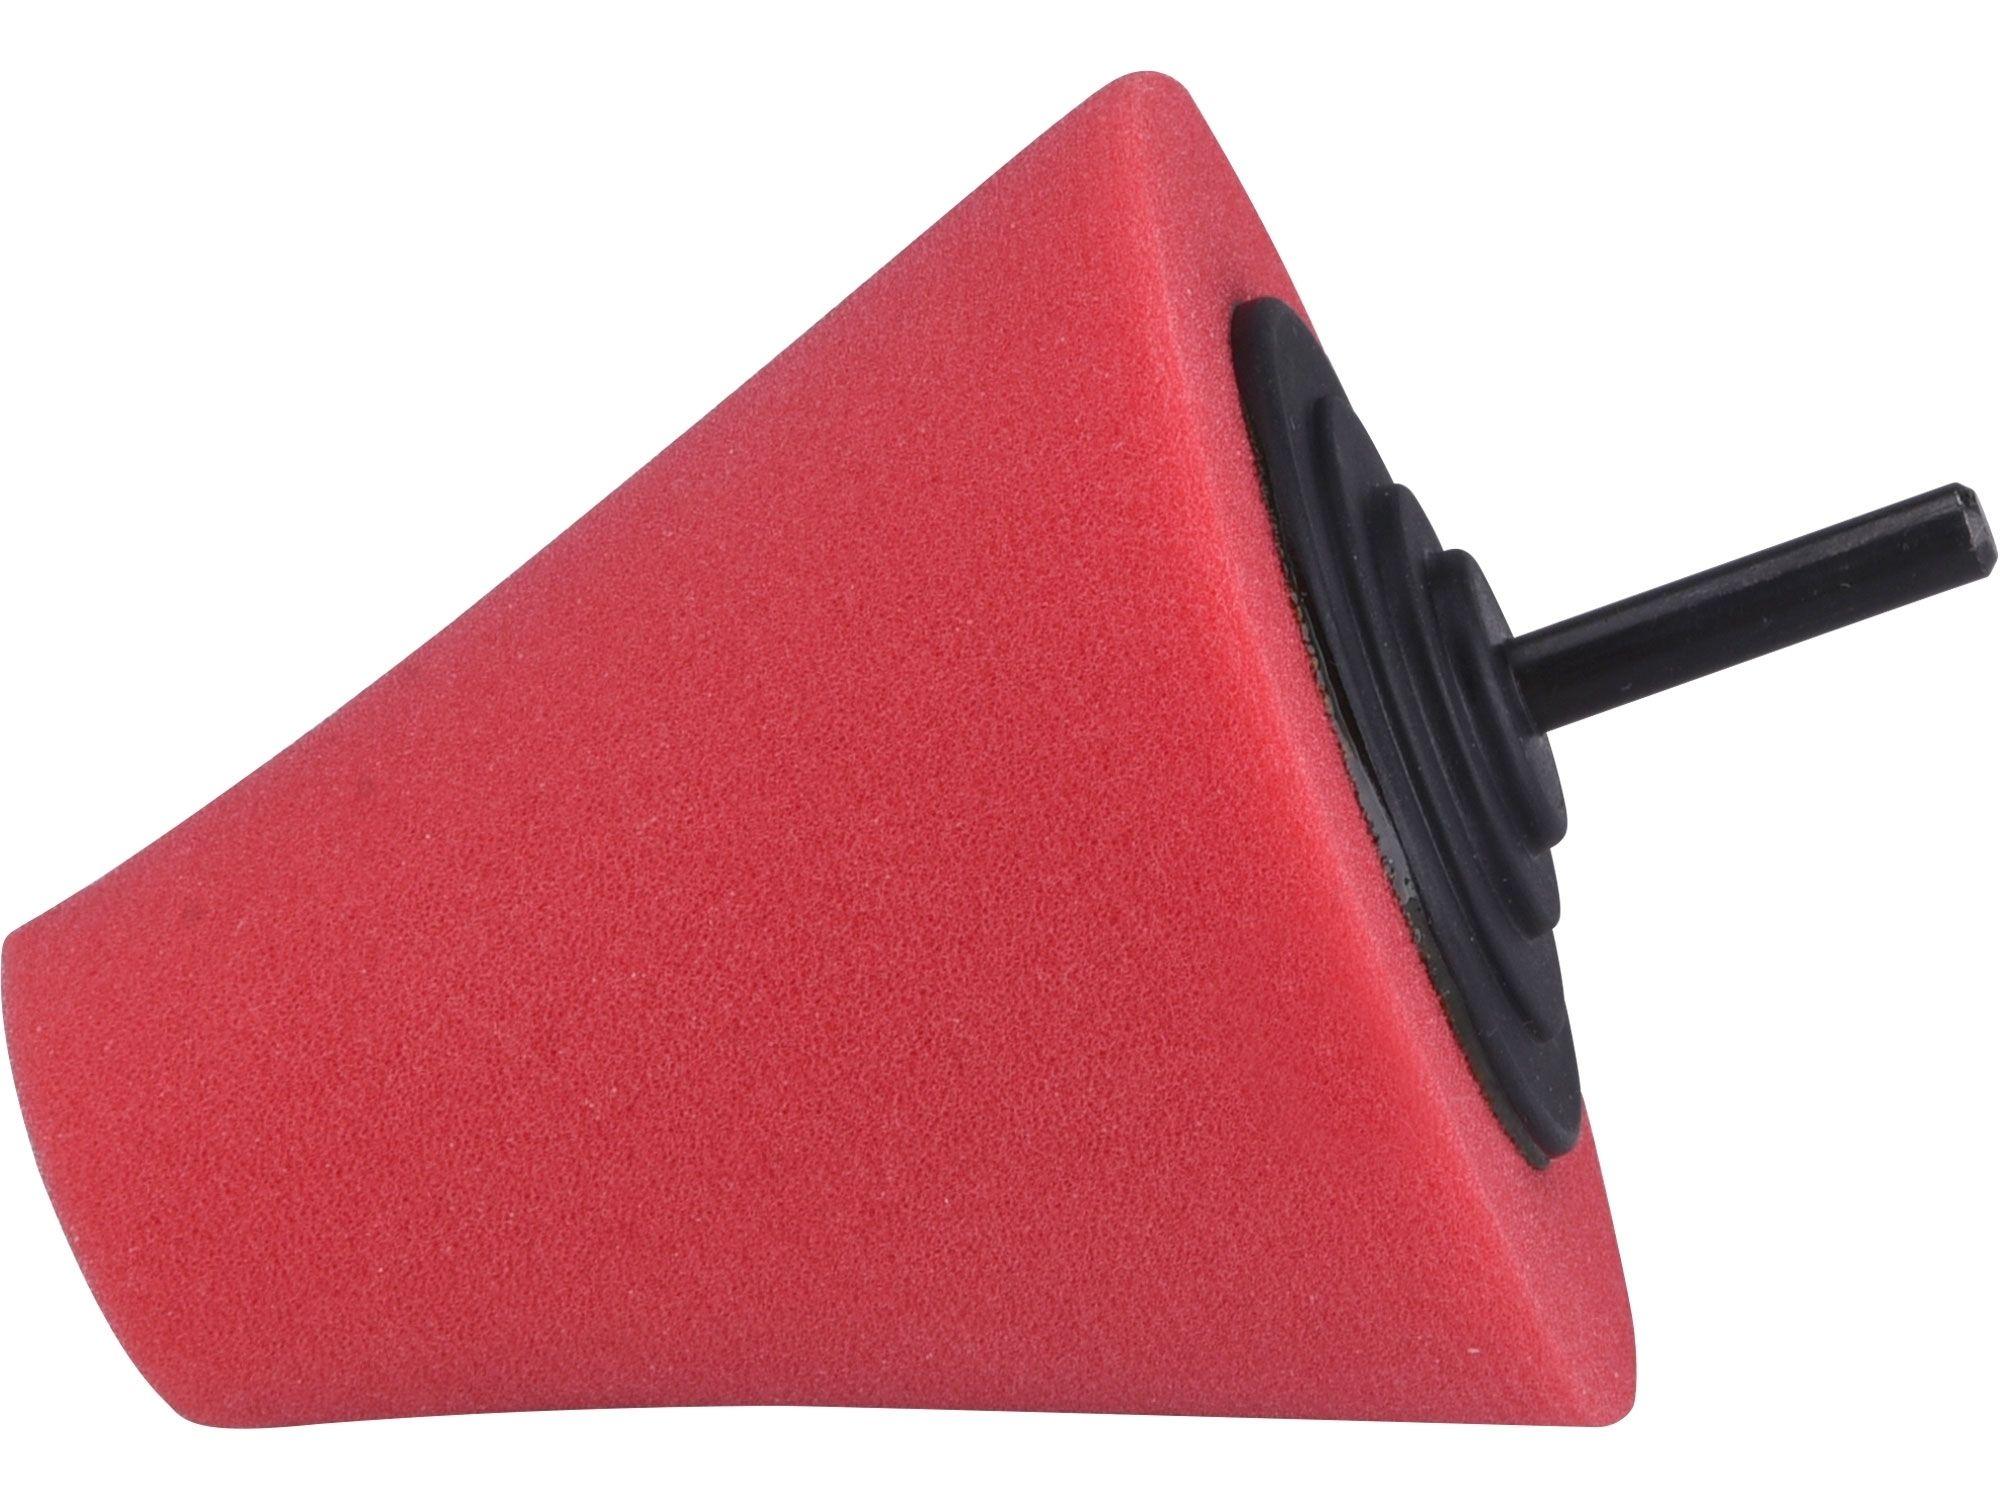 Kužel leštící pěnový, T10, červený, d=80mm, stopka 6mm EXTOL PREMIUM